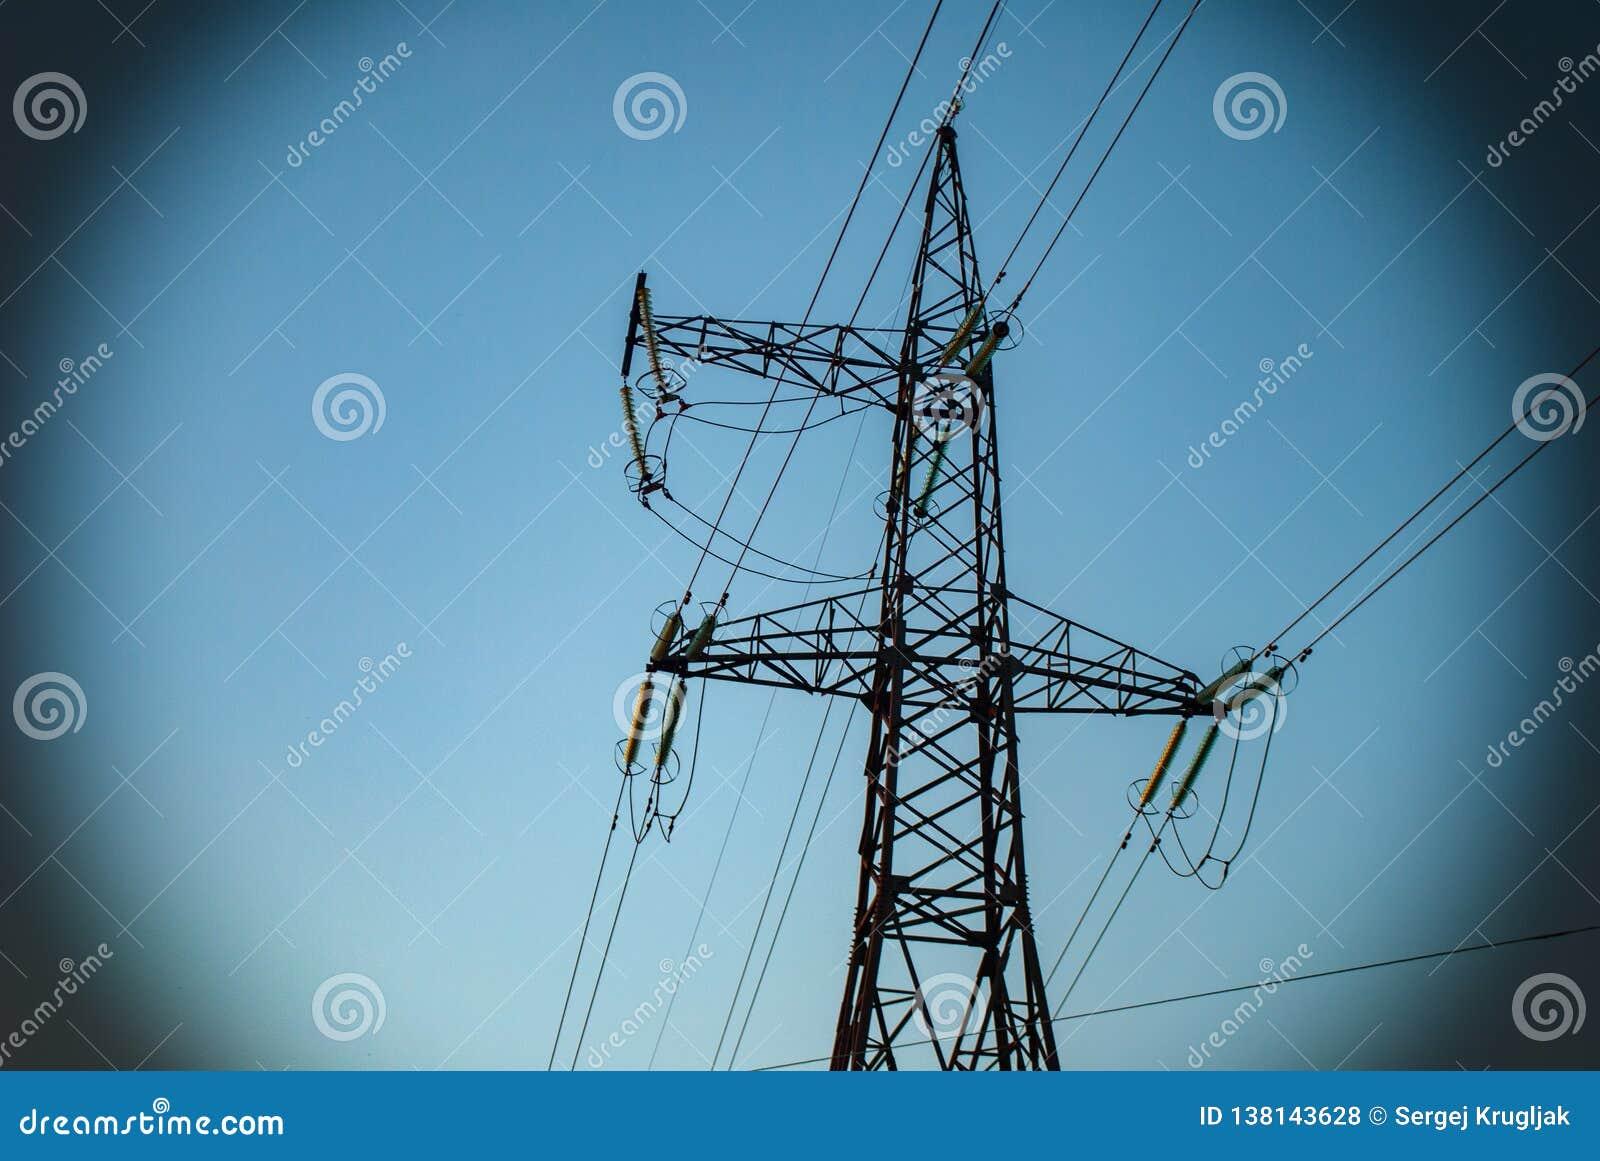 Lijn met hoog voltage met draden tegen een blauwe hemel